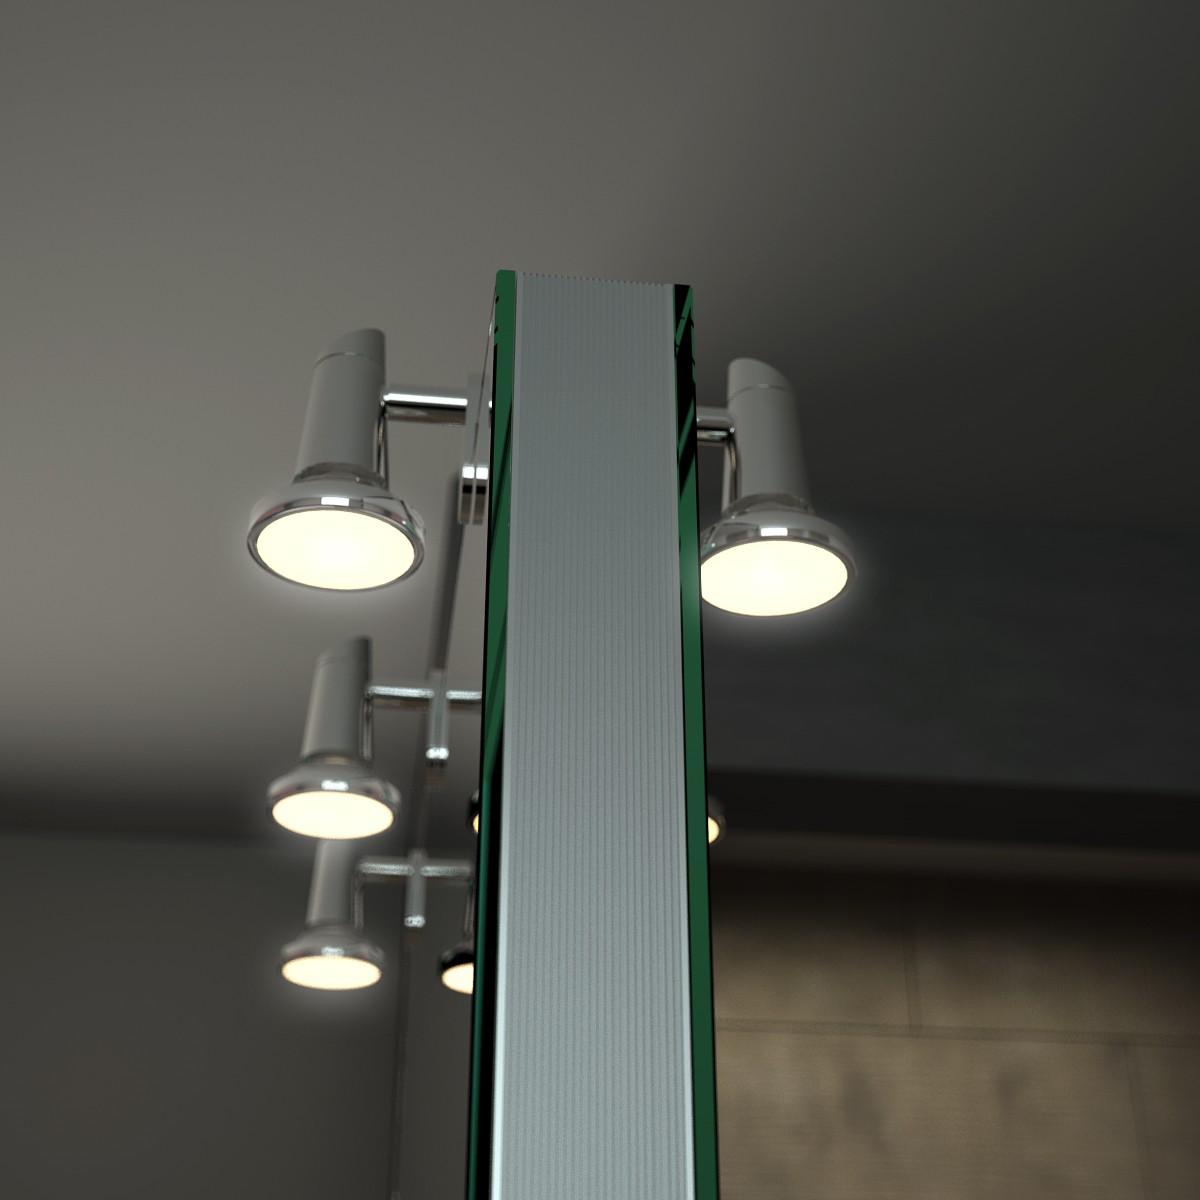 spiegel raumteiler mit leuchte sticker exklusive spiegel. Black Bedroom Furniture Sets. Home Design Ideas